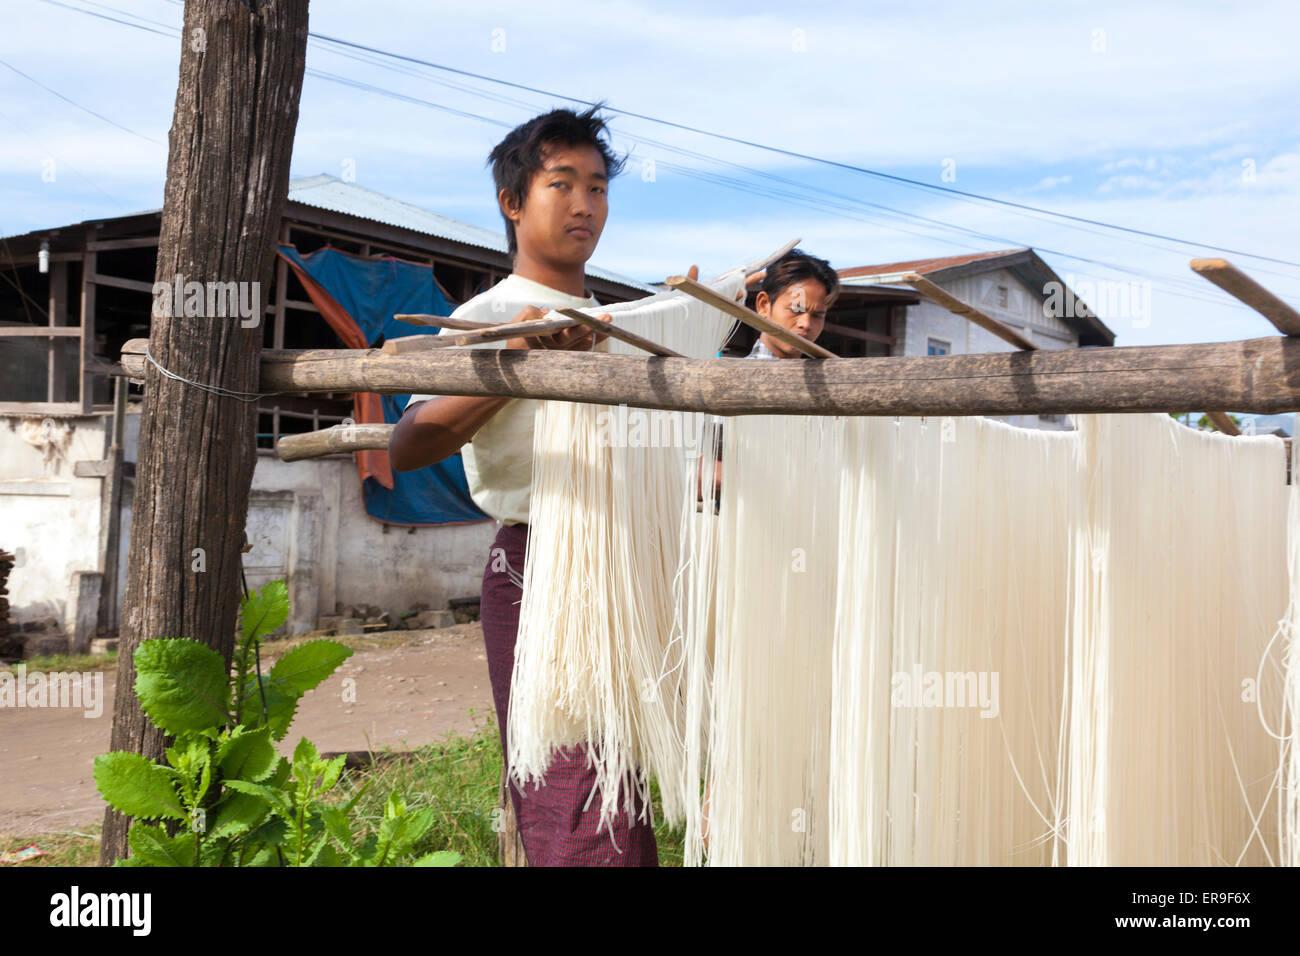 En Hsipaw, Birmania, fideos de arroz hechas frescas se colgaban sobre postes para secar al aire libre después Imagen De Stock